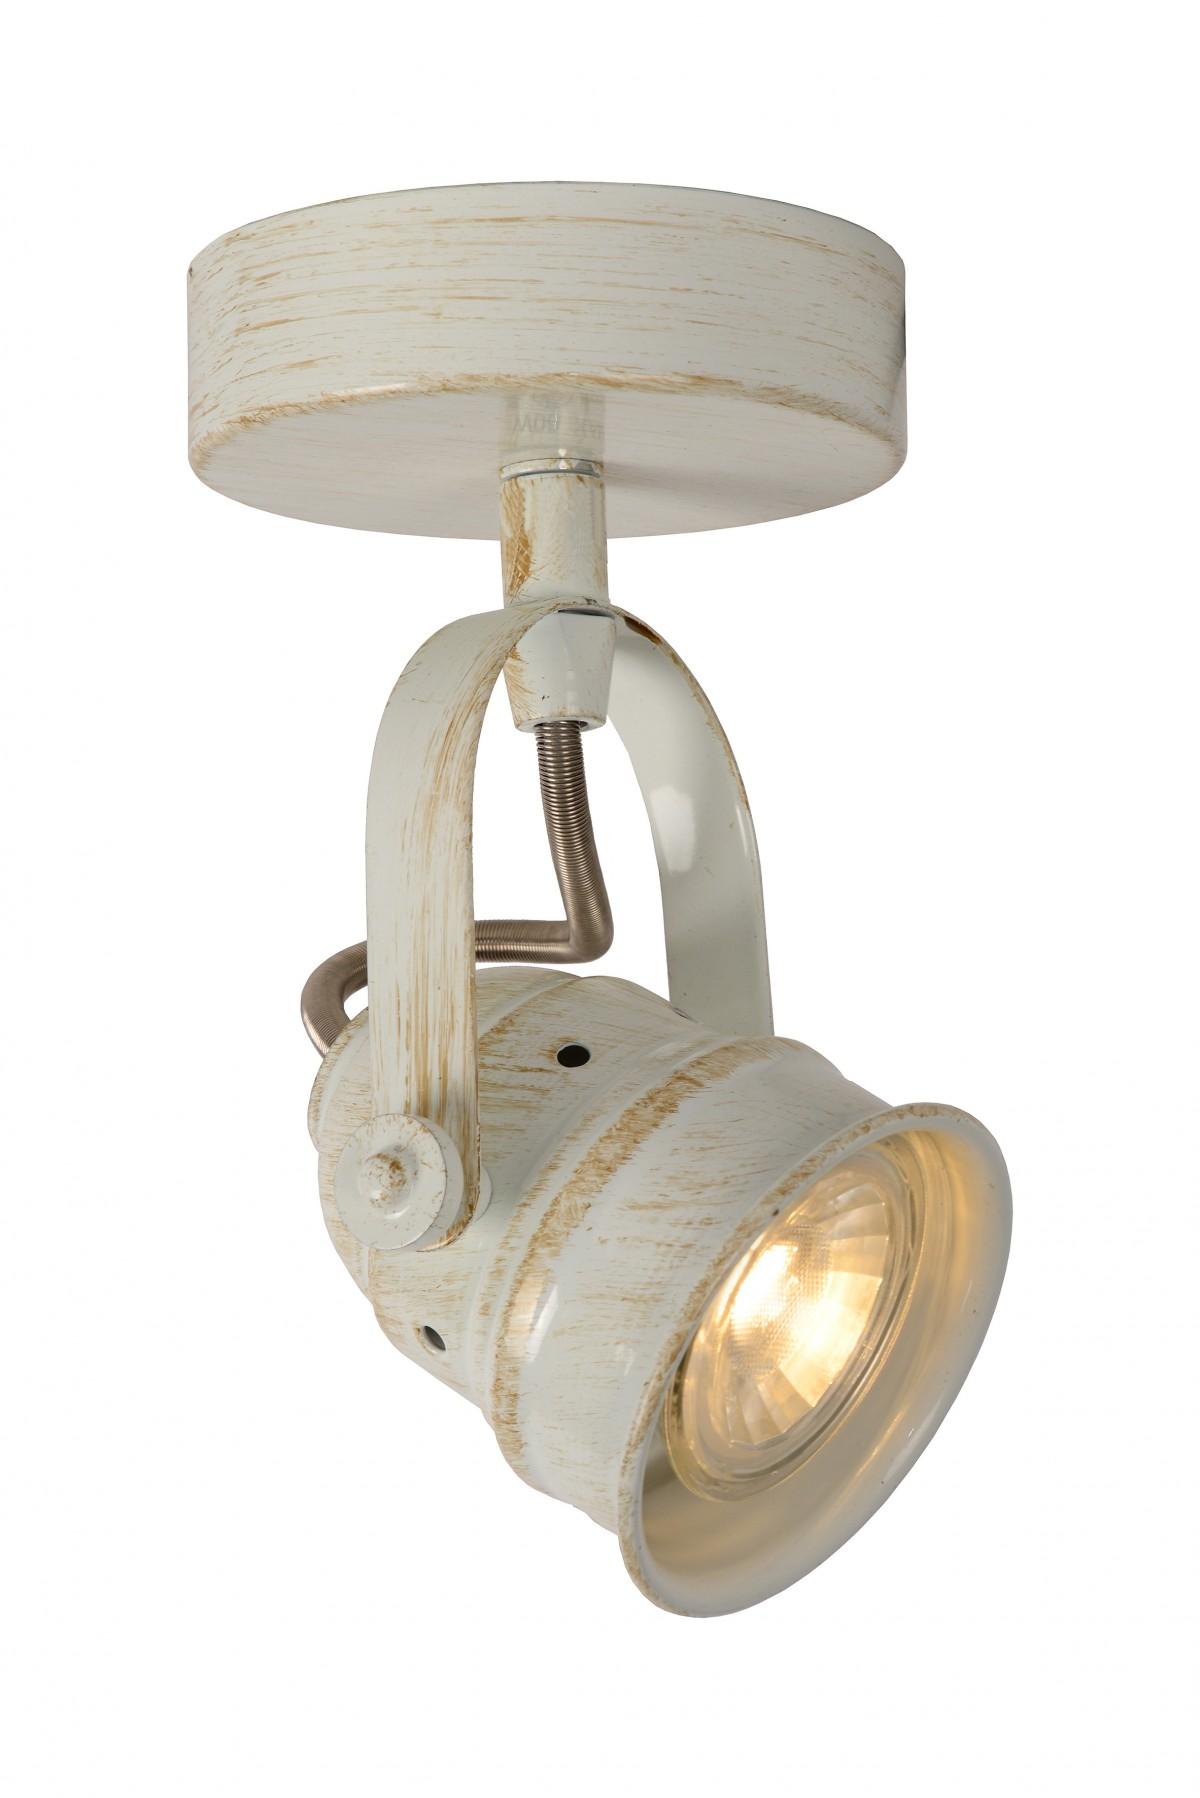 LED stropní bodové svítidlo Lucide Cigal 77974/05/21 1x5W GU10 - krásné bodovky